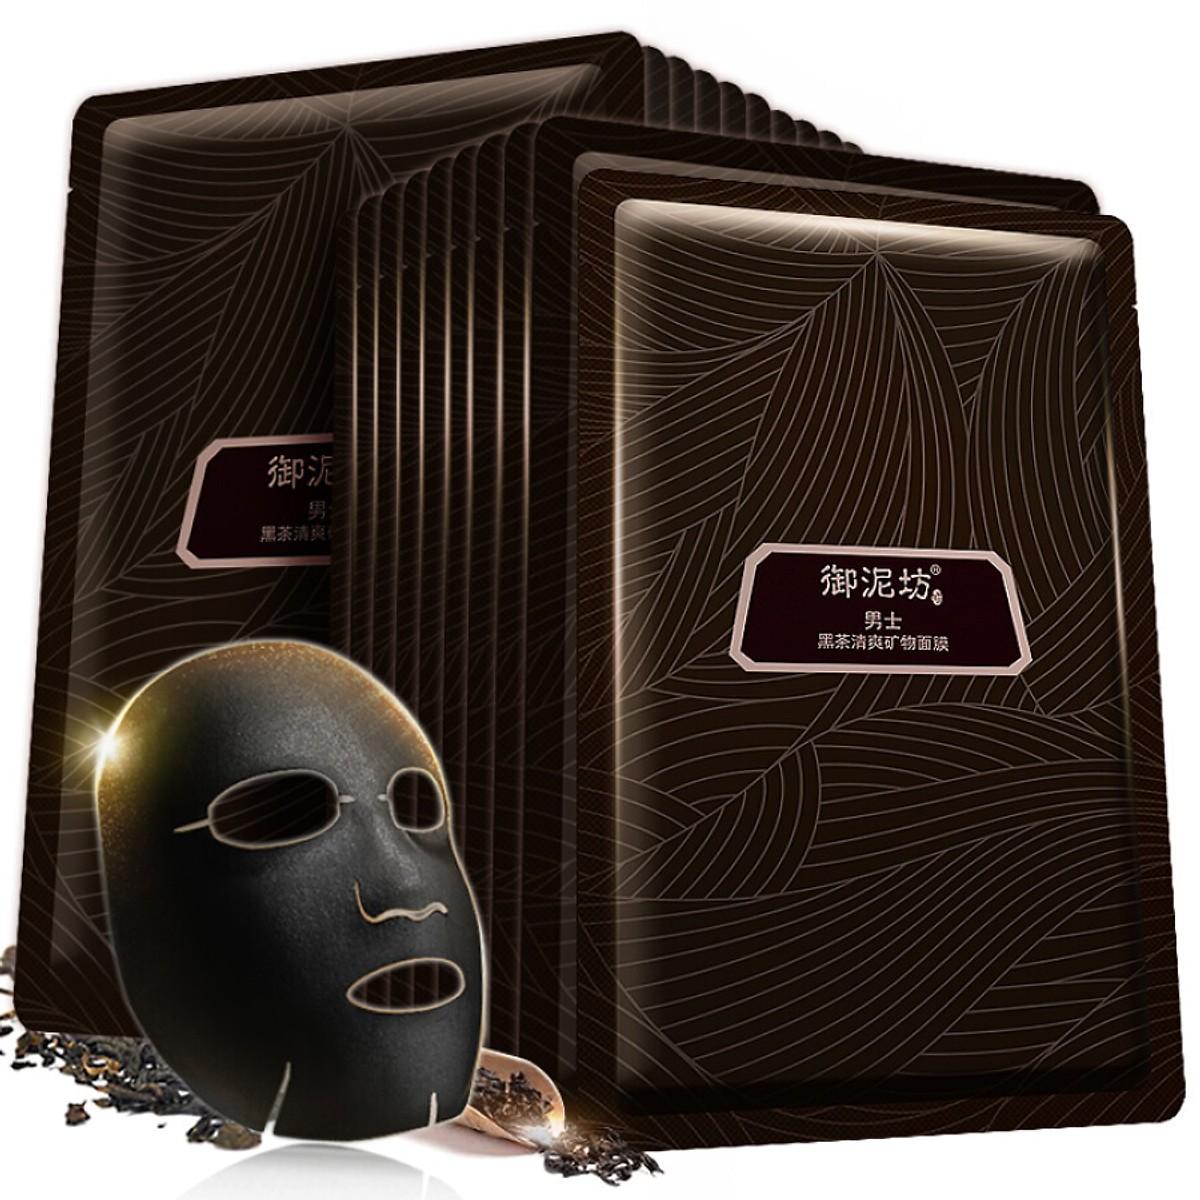 Mặt nạ cho nam trà đen Unifon 20 miếng